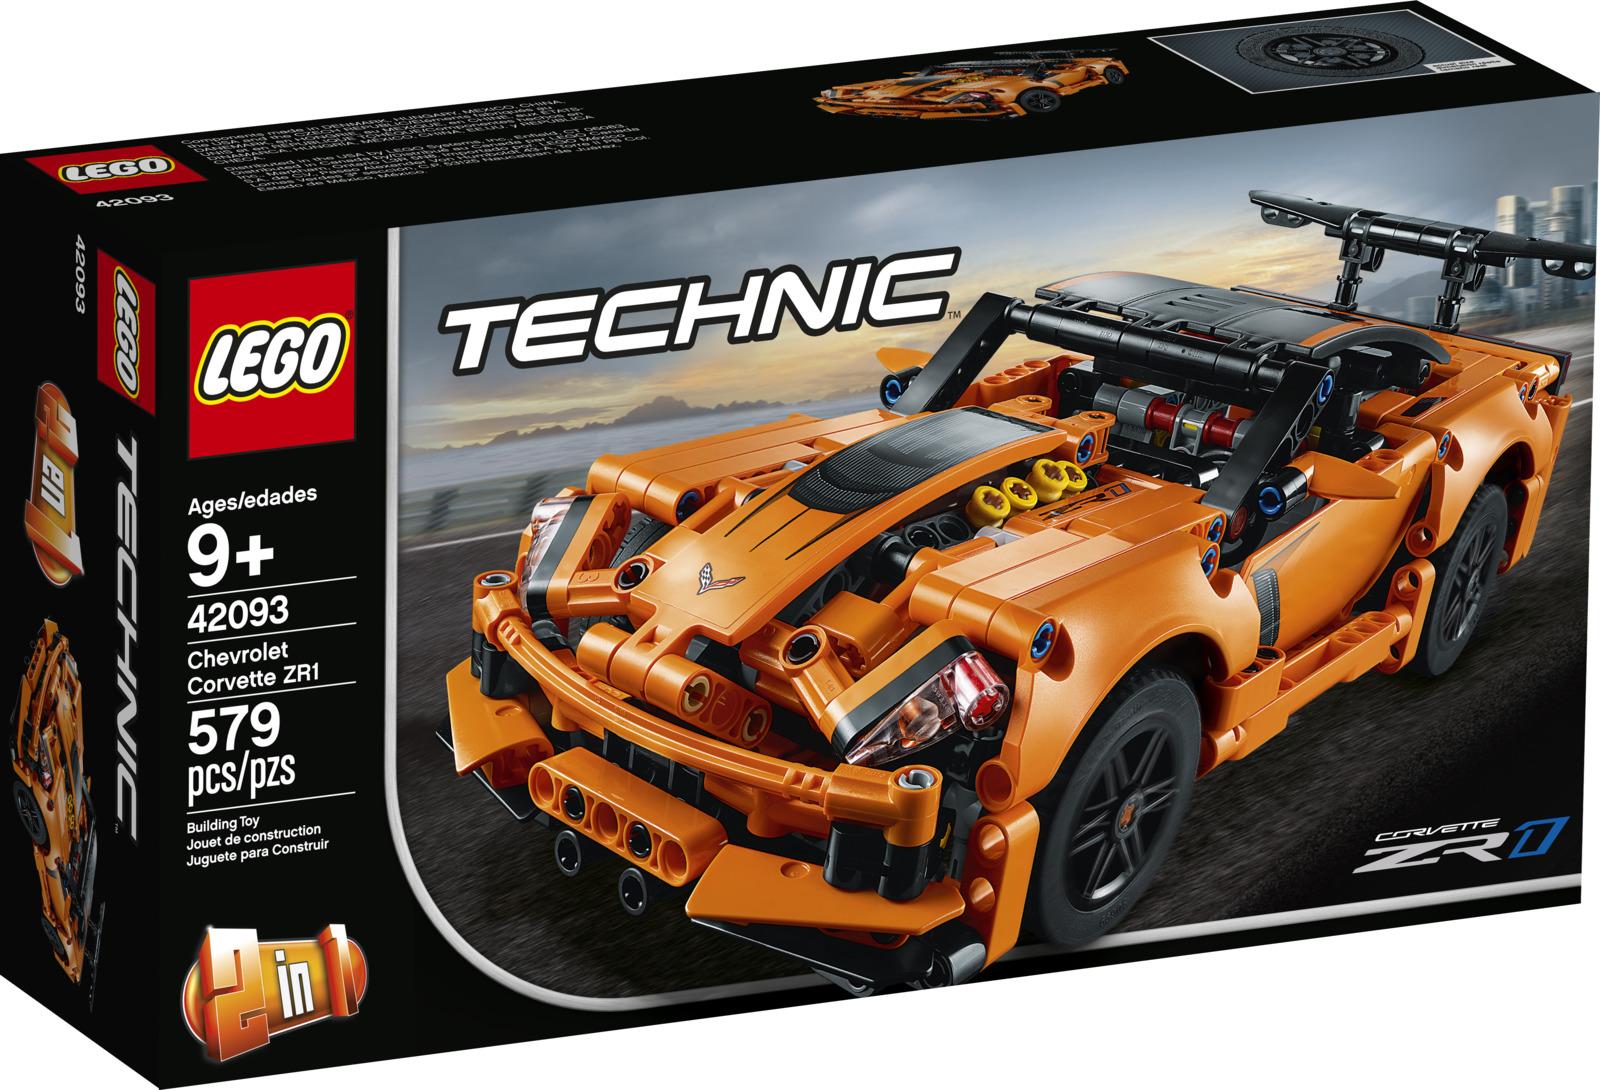 LEGO Technic 42093 Chevrolet Corvette ZR1 Конструктор